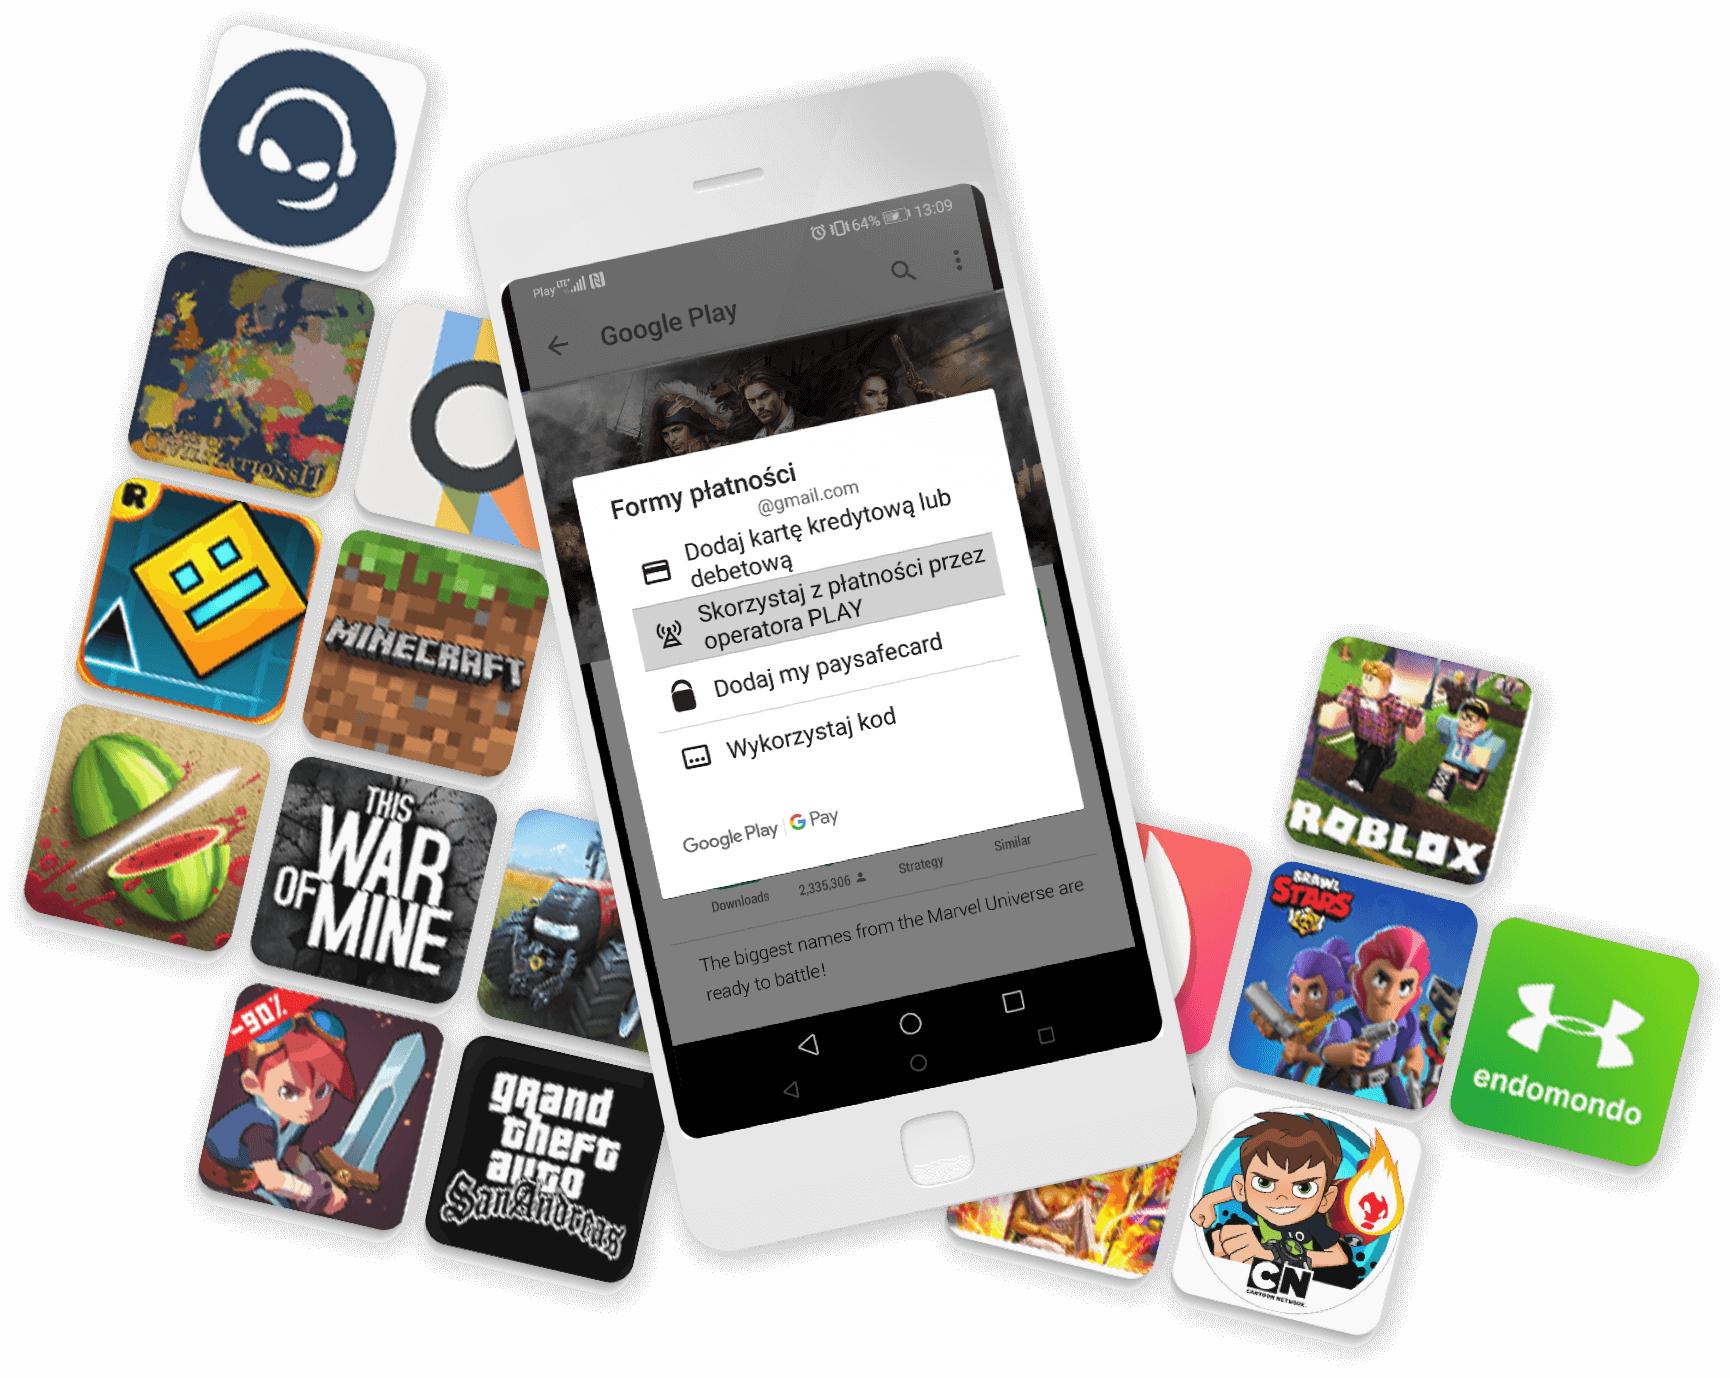 Zyskaj do 10 zł na pierwszy zakup w Google Play mwz 10,01